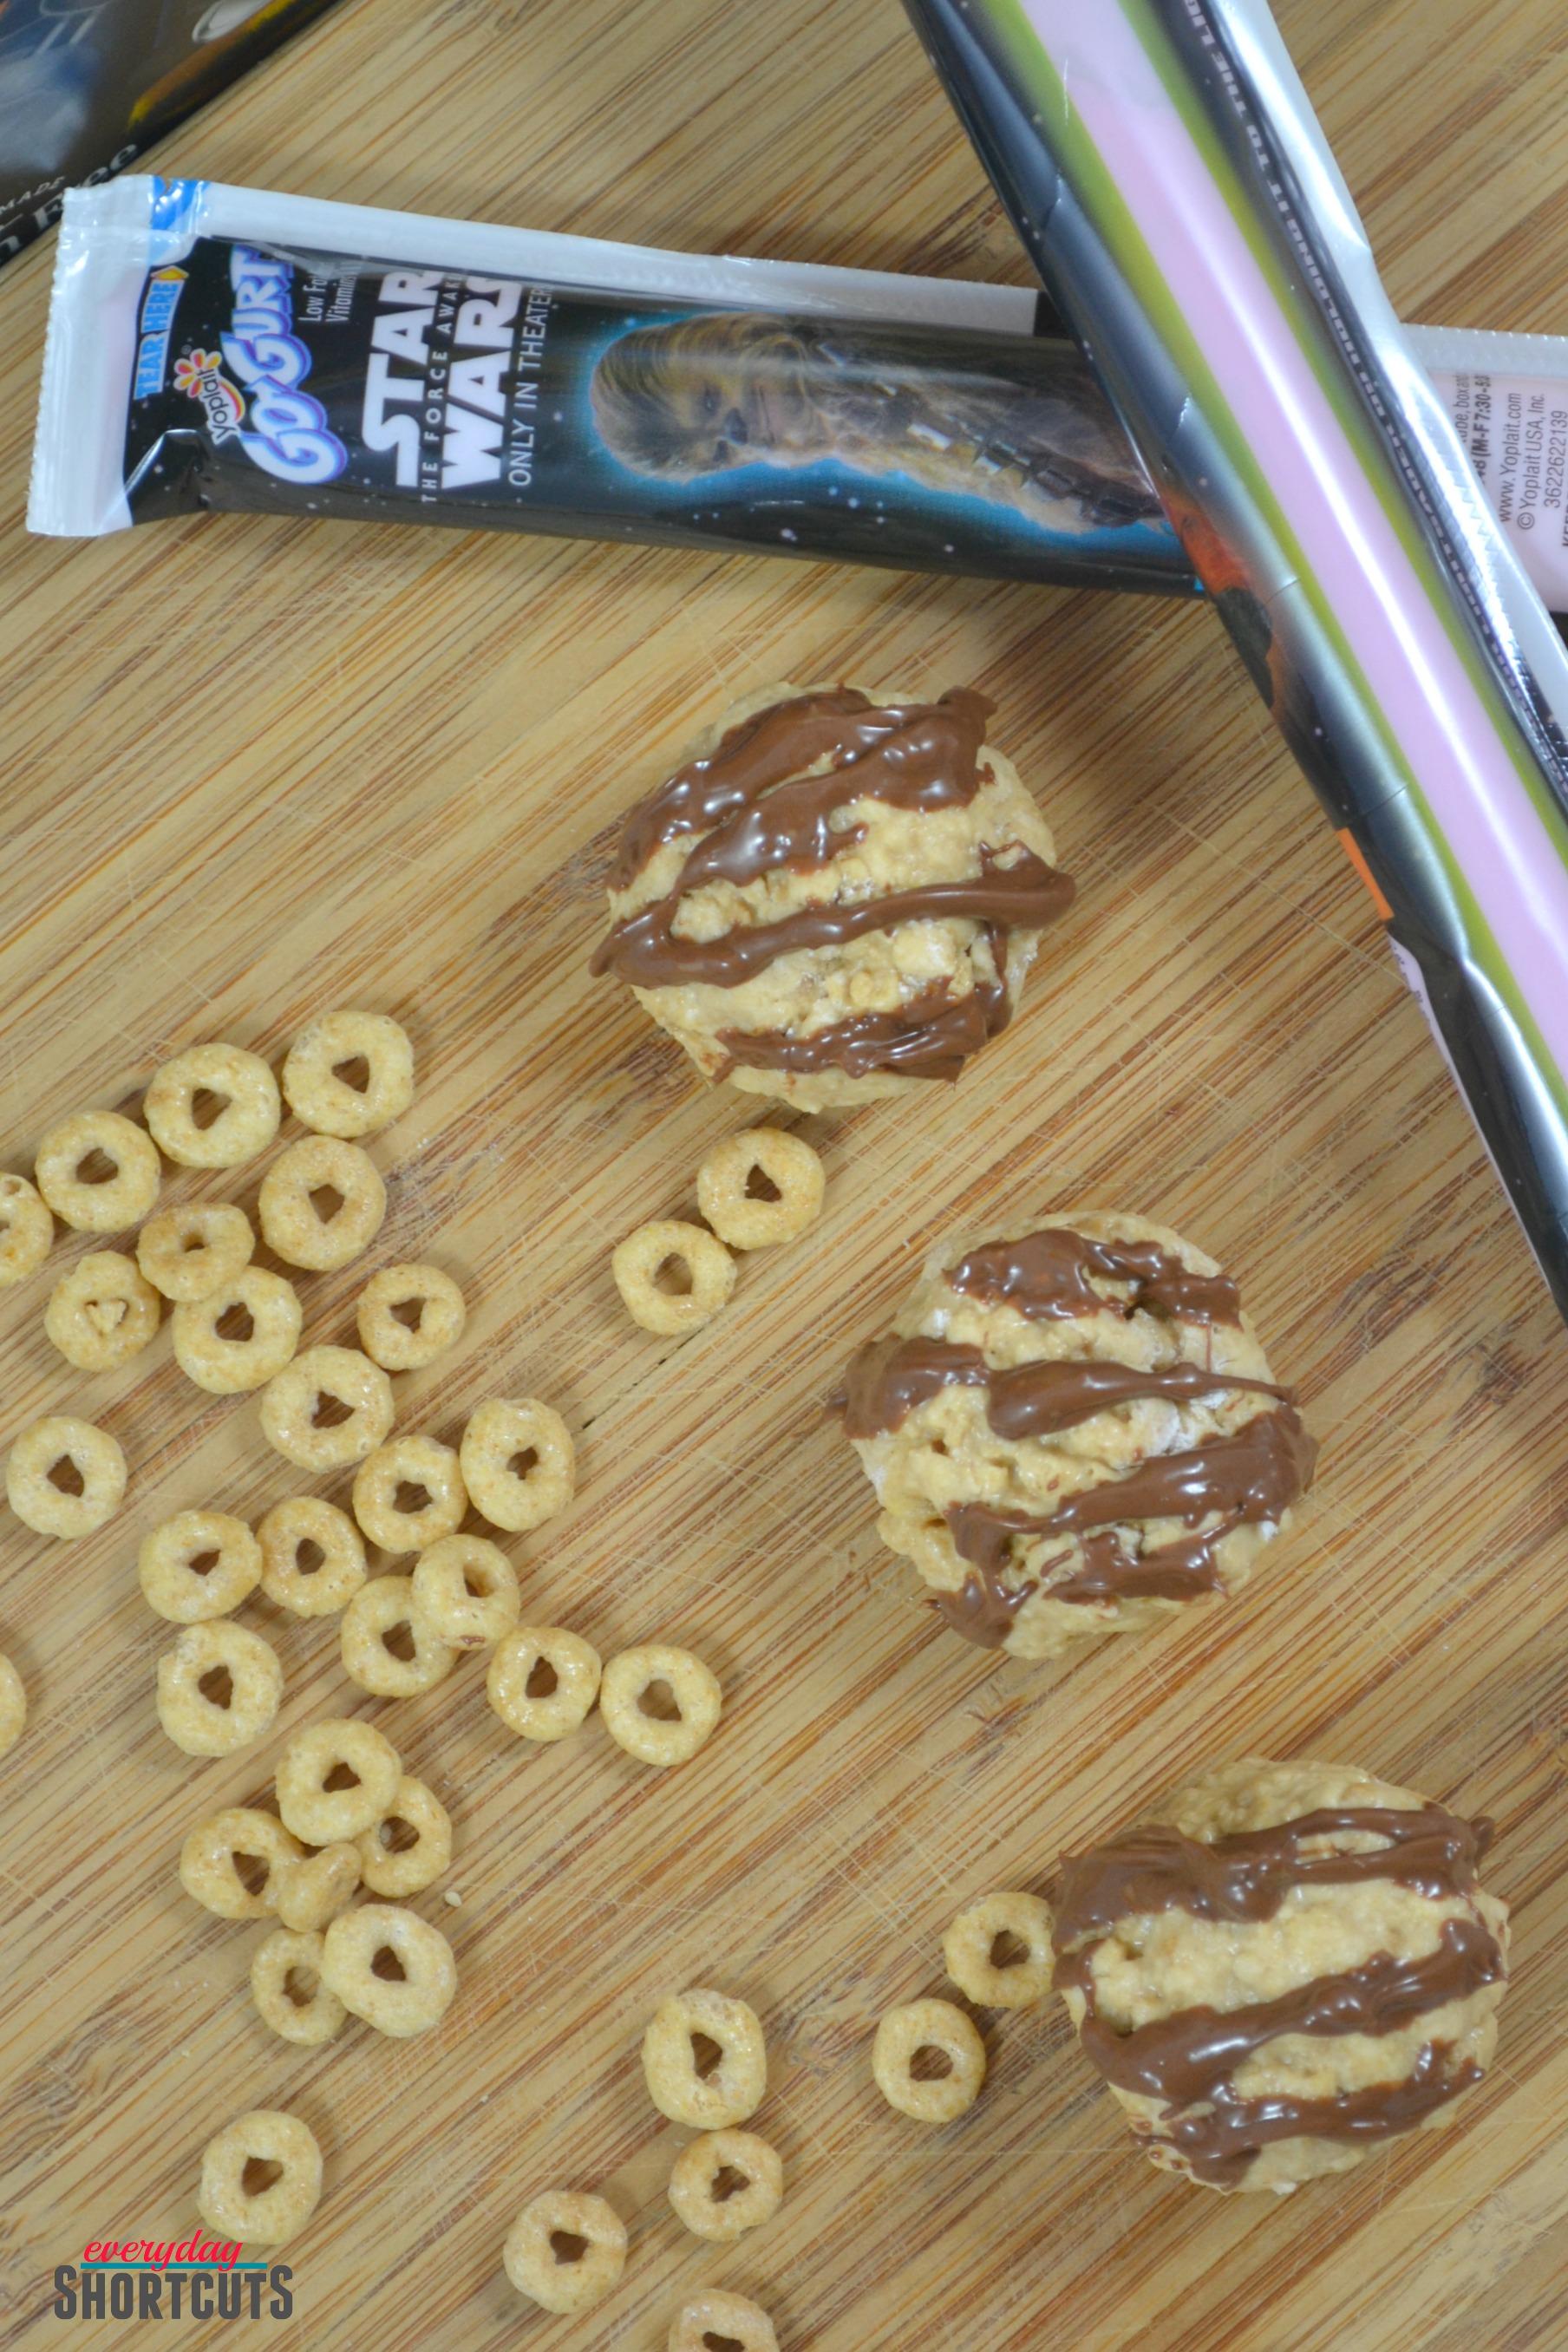 star-wars-honey-nut-cheerios